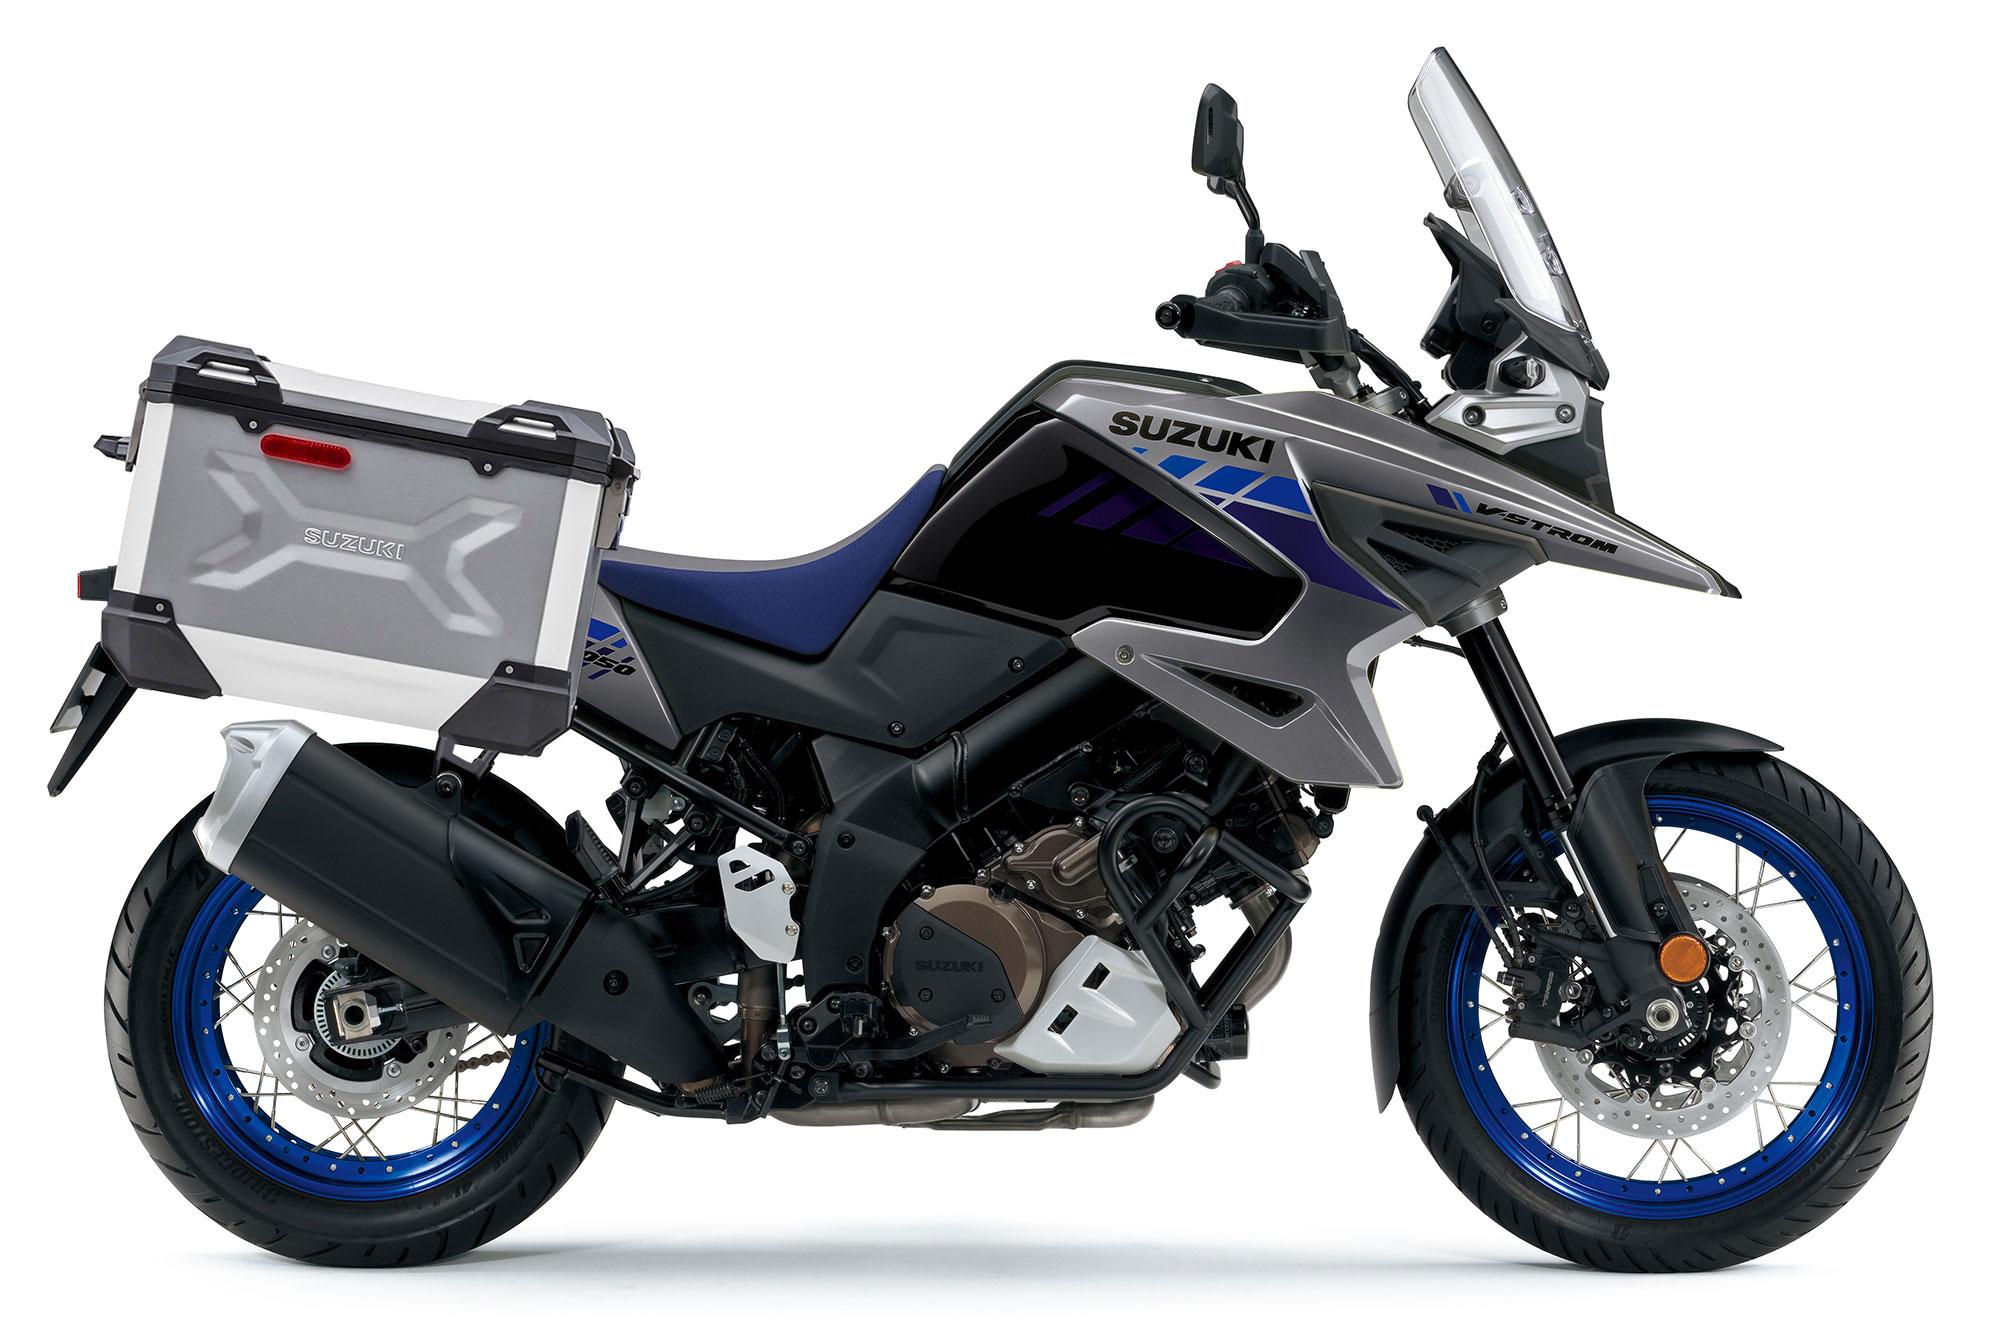 2021 Suzuki V-Strom 1050XT Adventure